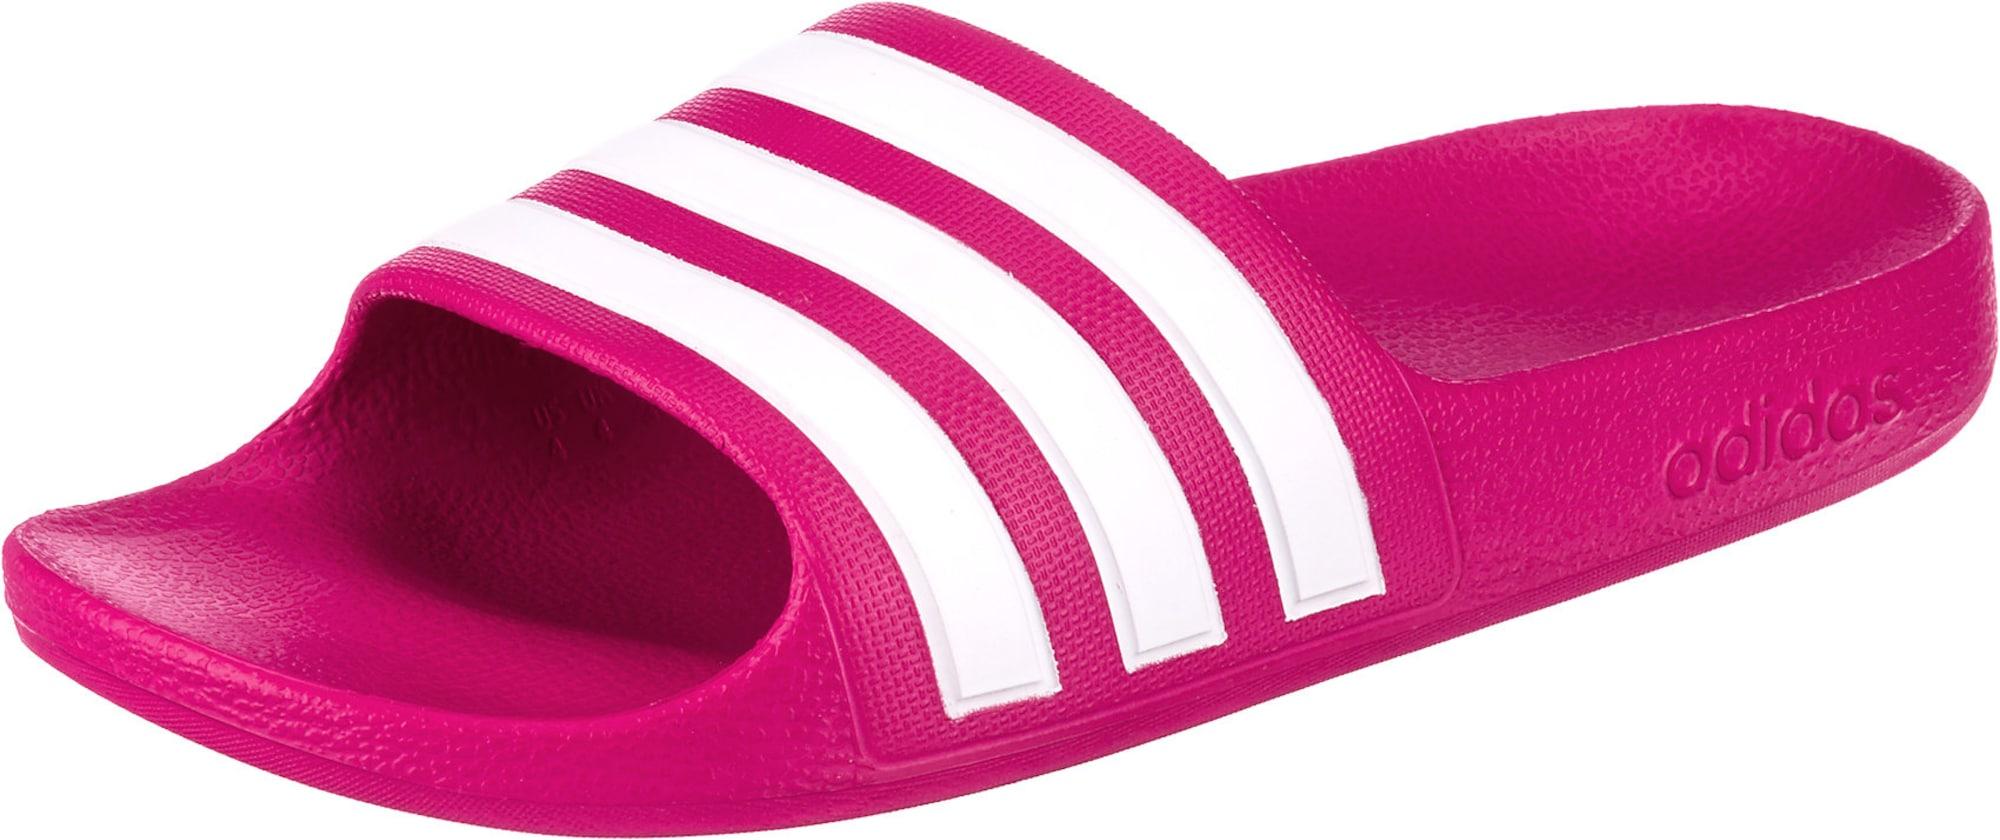 ADIDAS PERFORMANCE Sandalai / maudymosi batai 'Adilette Aqua' rožinė / balta